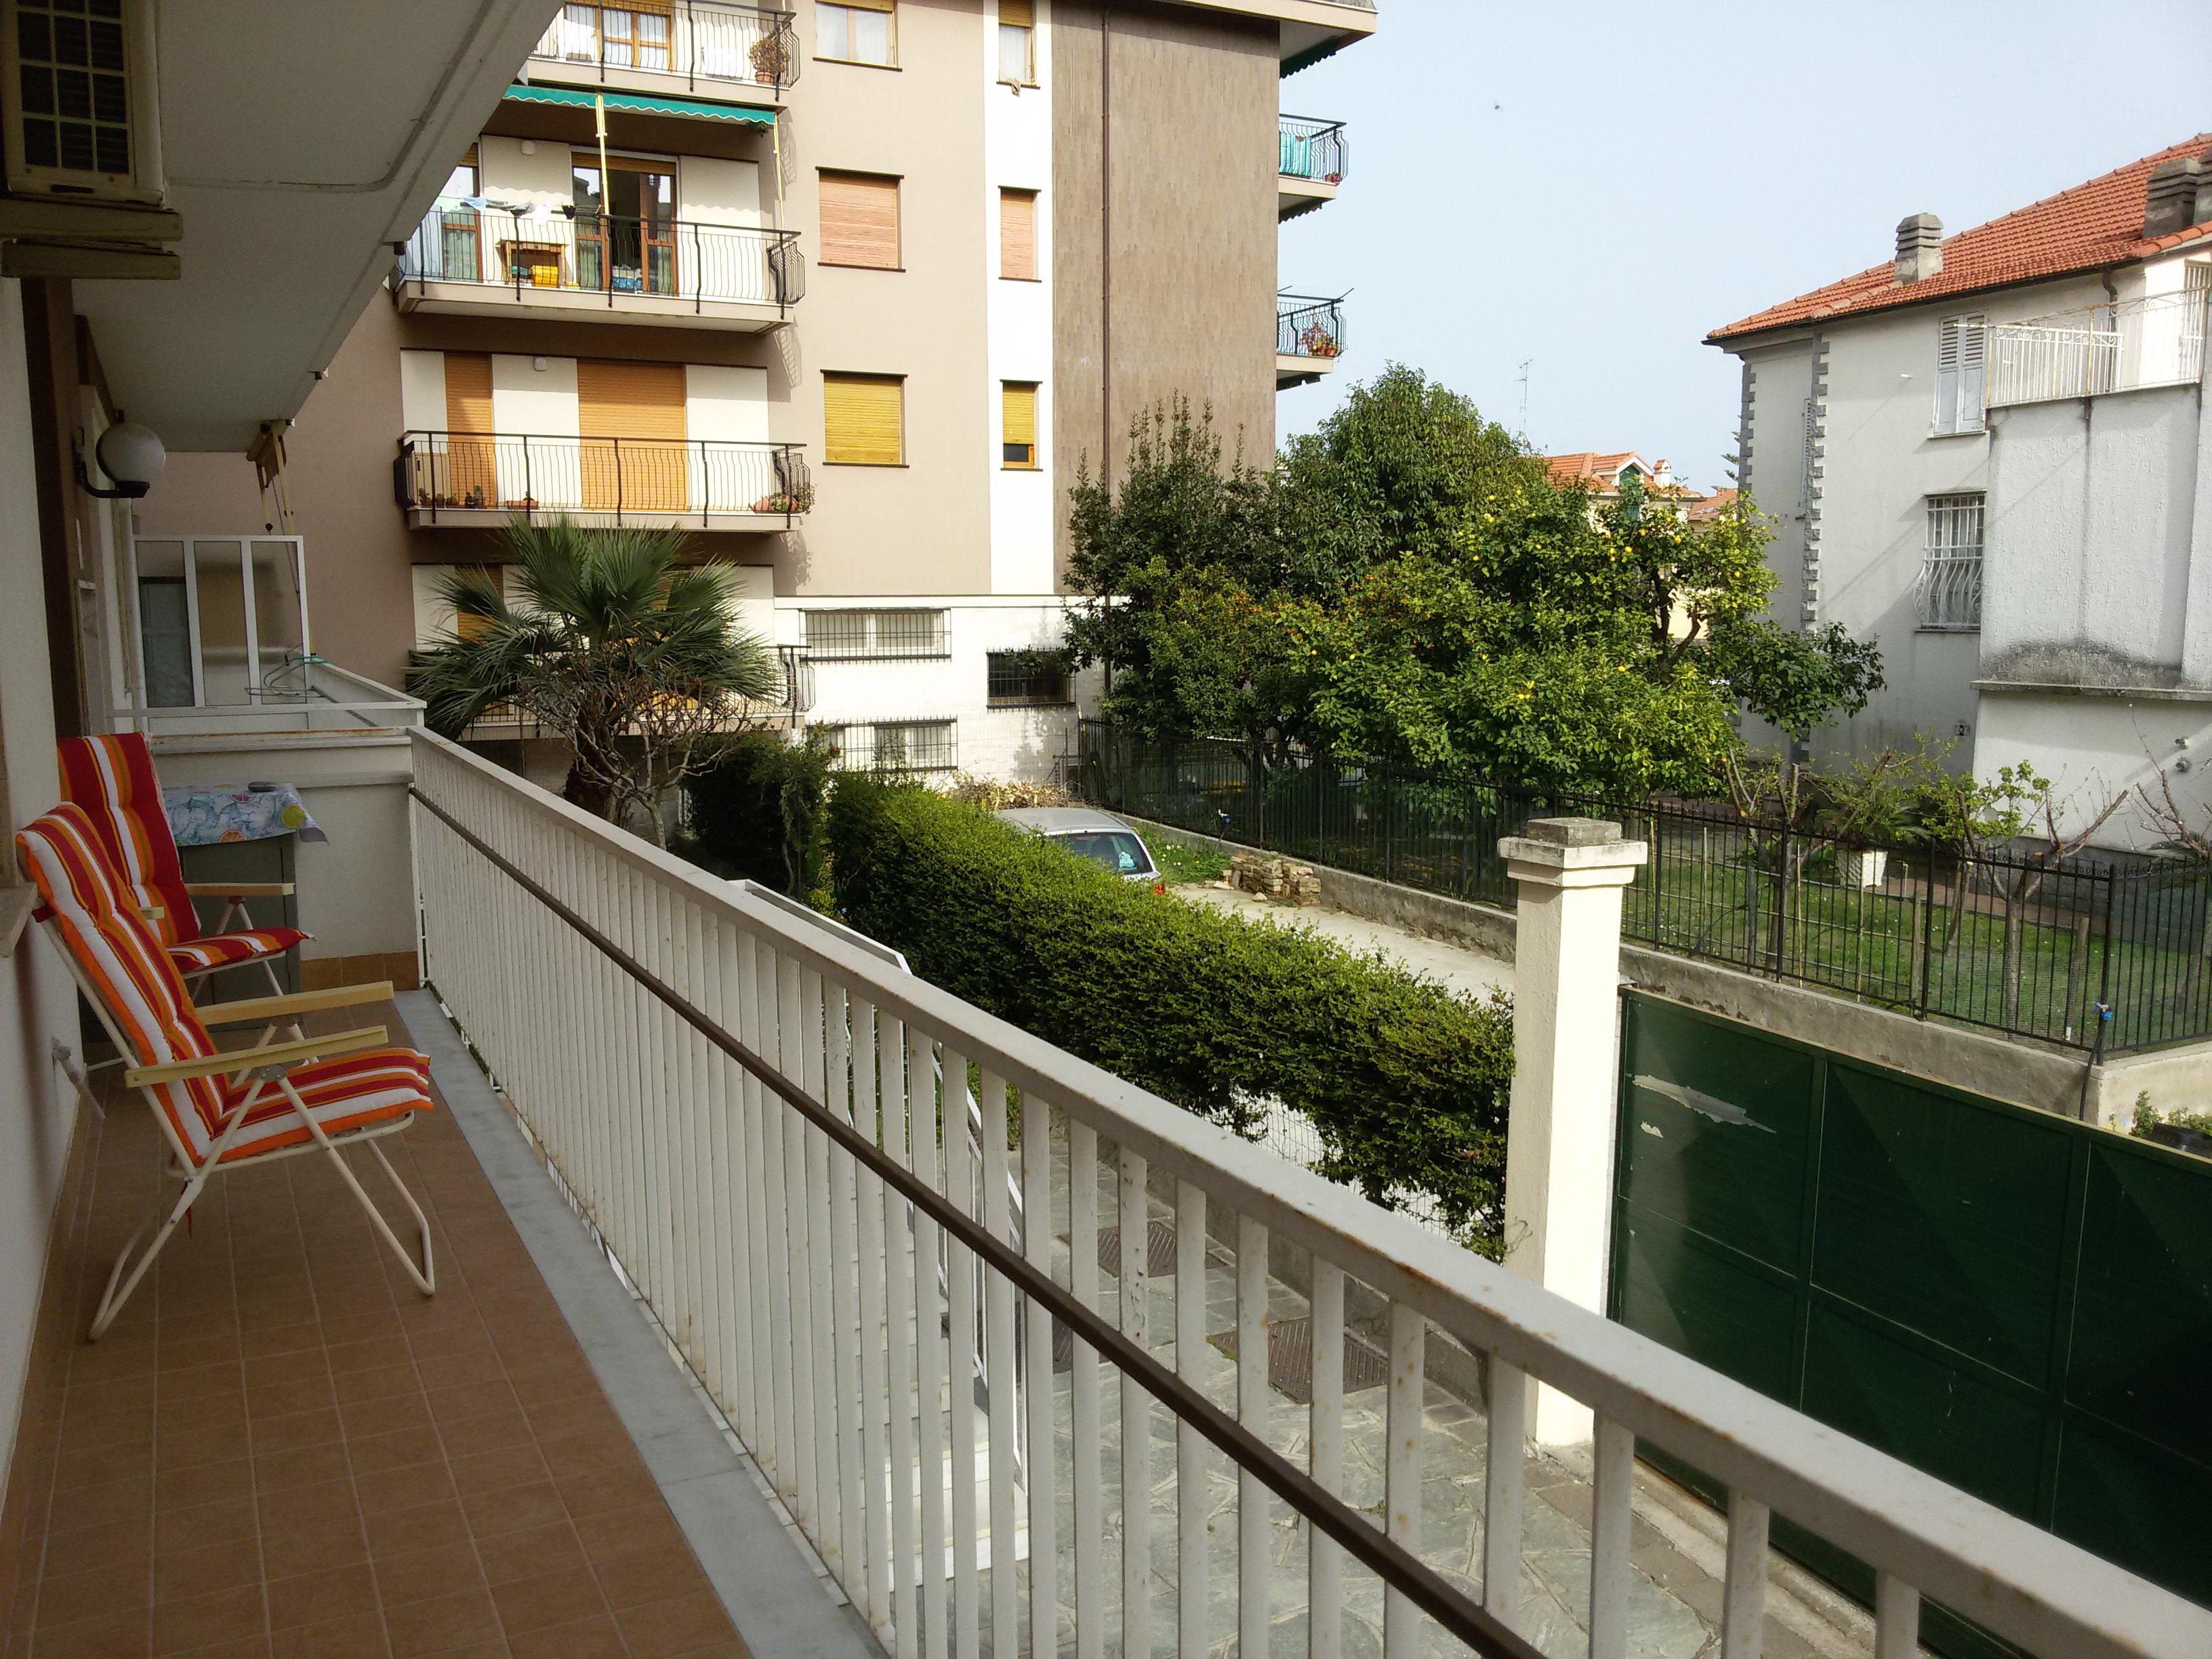 Bilocale vicino al mare in affitto turistico agenzia for Appartamenti in affitto a barcellona vicino al mare